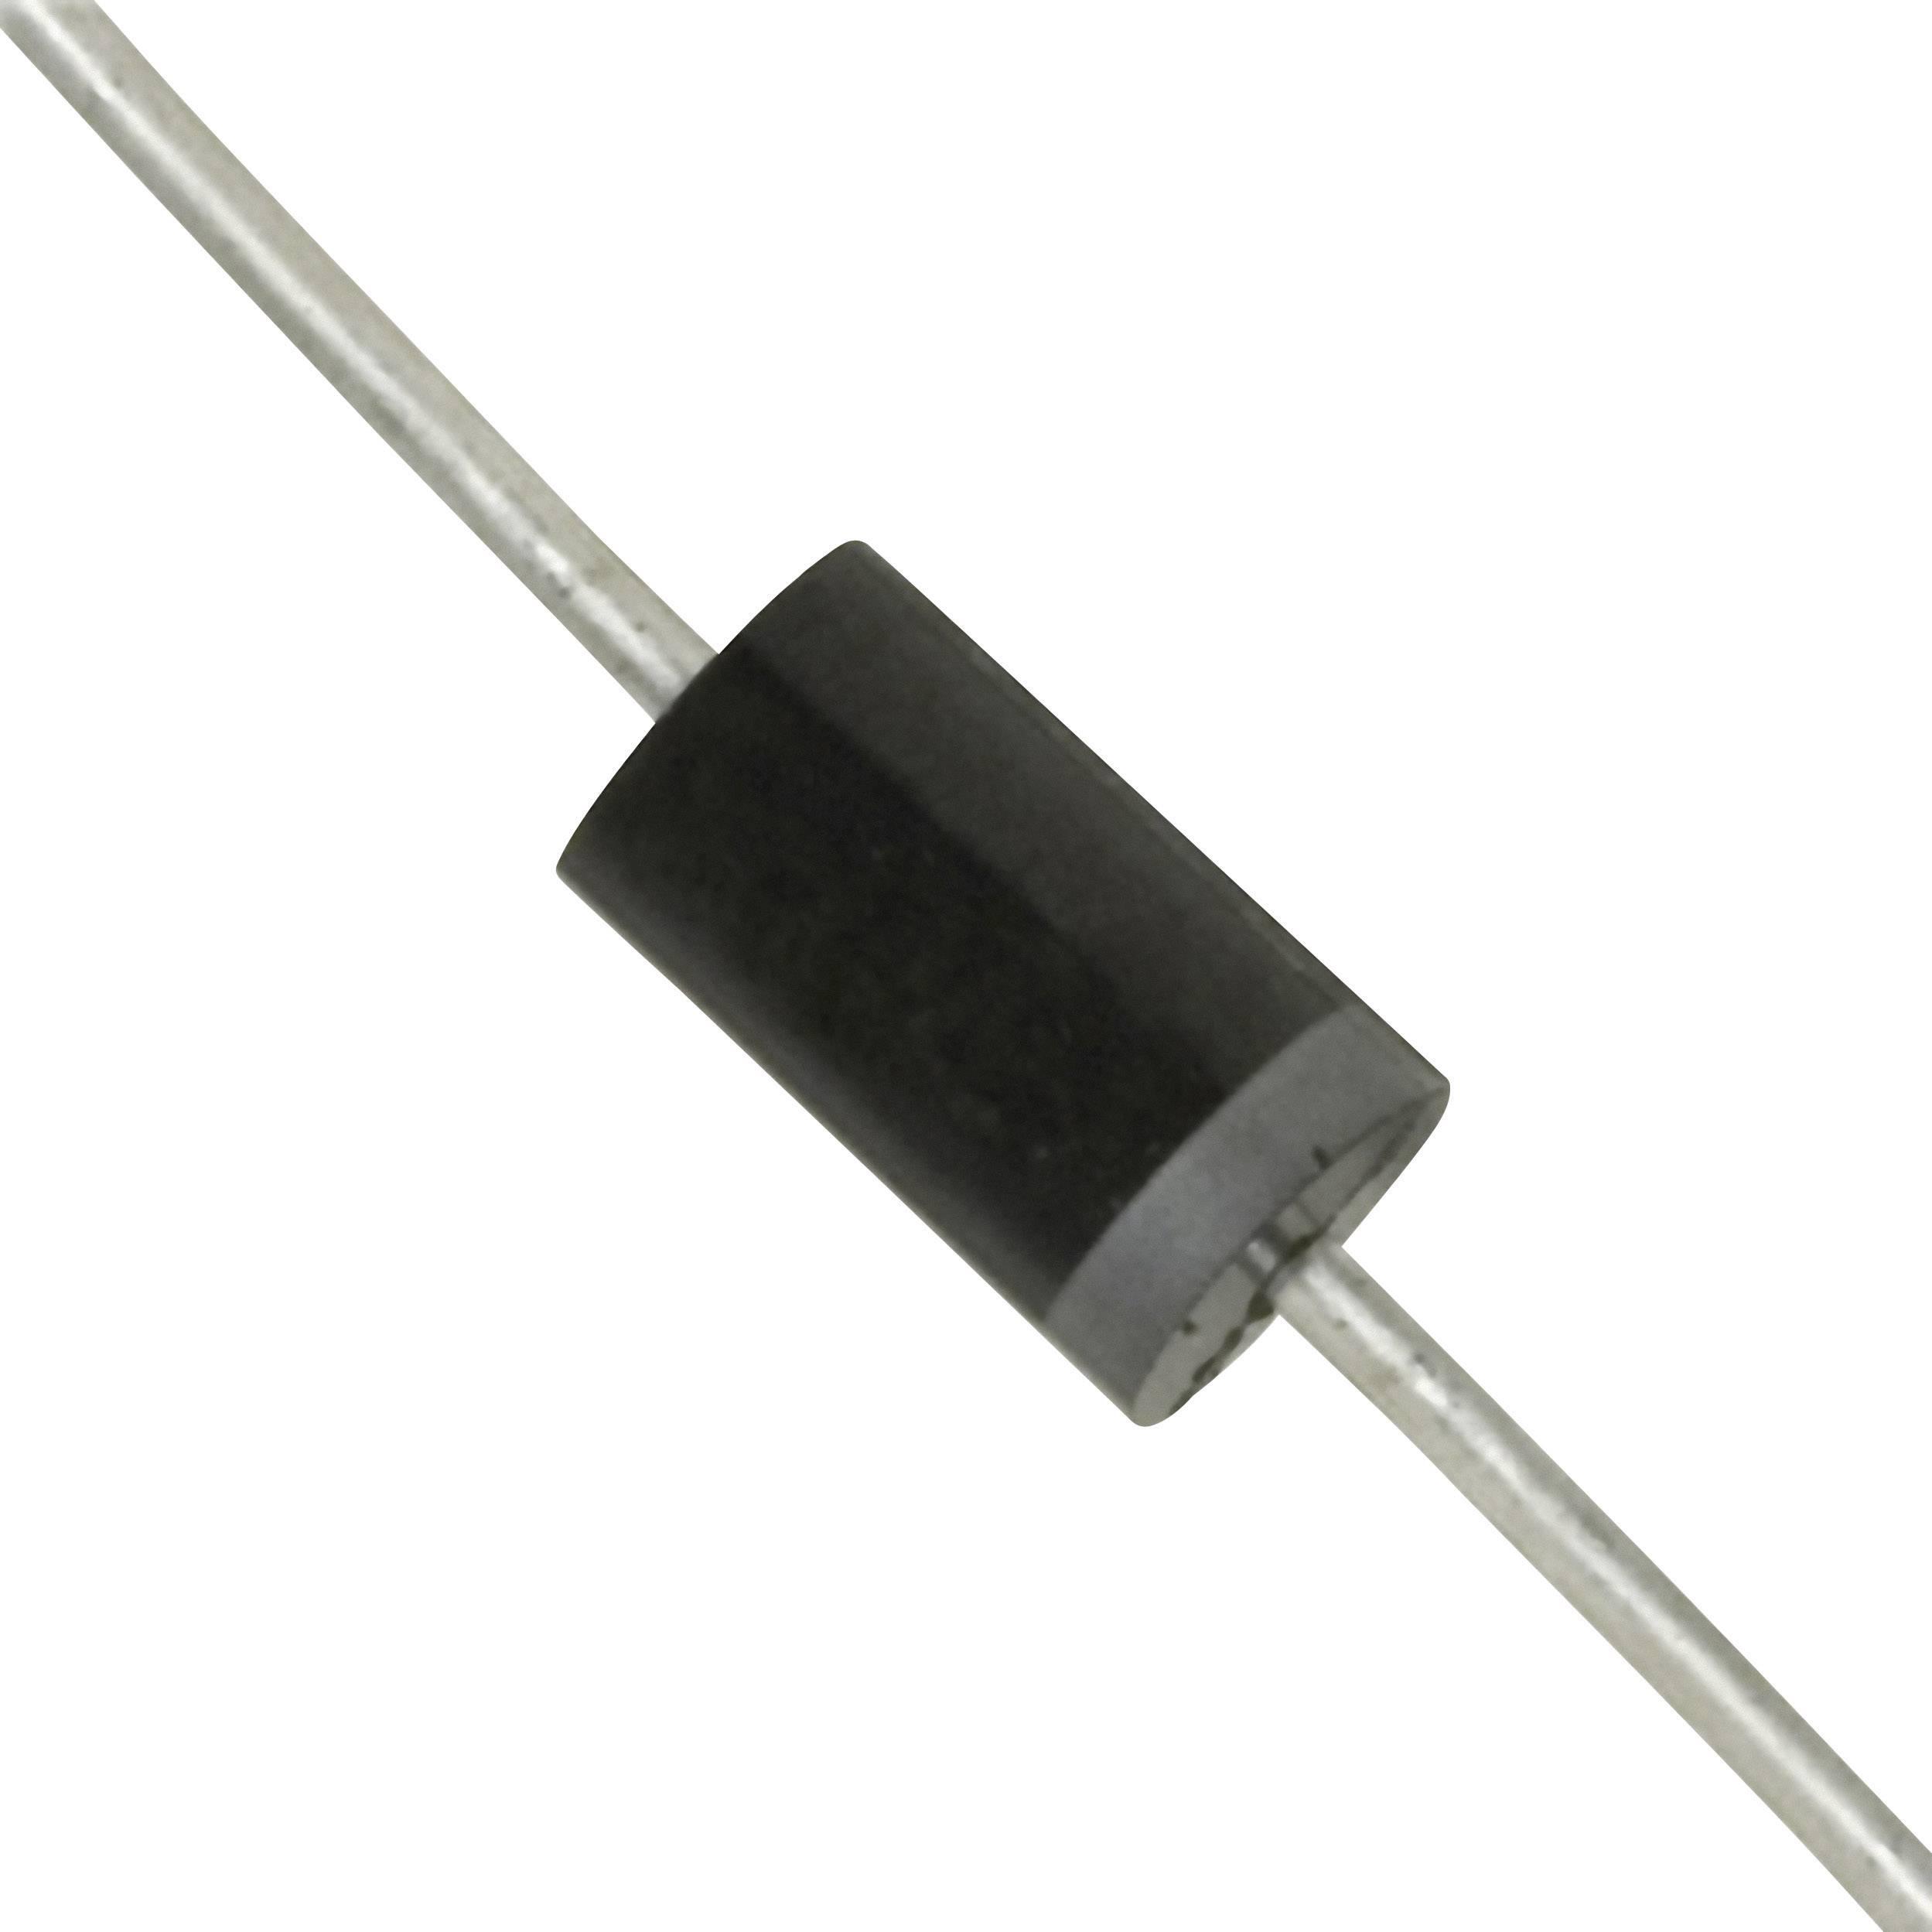 Dióda Z Diotec ZPD20, DO-35, zener. napätie 20 V